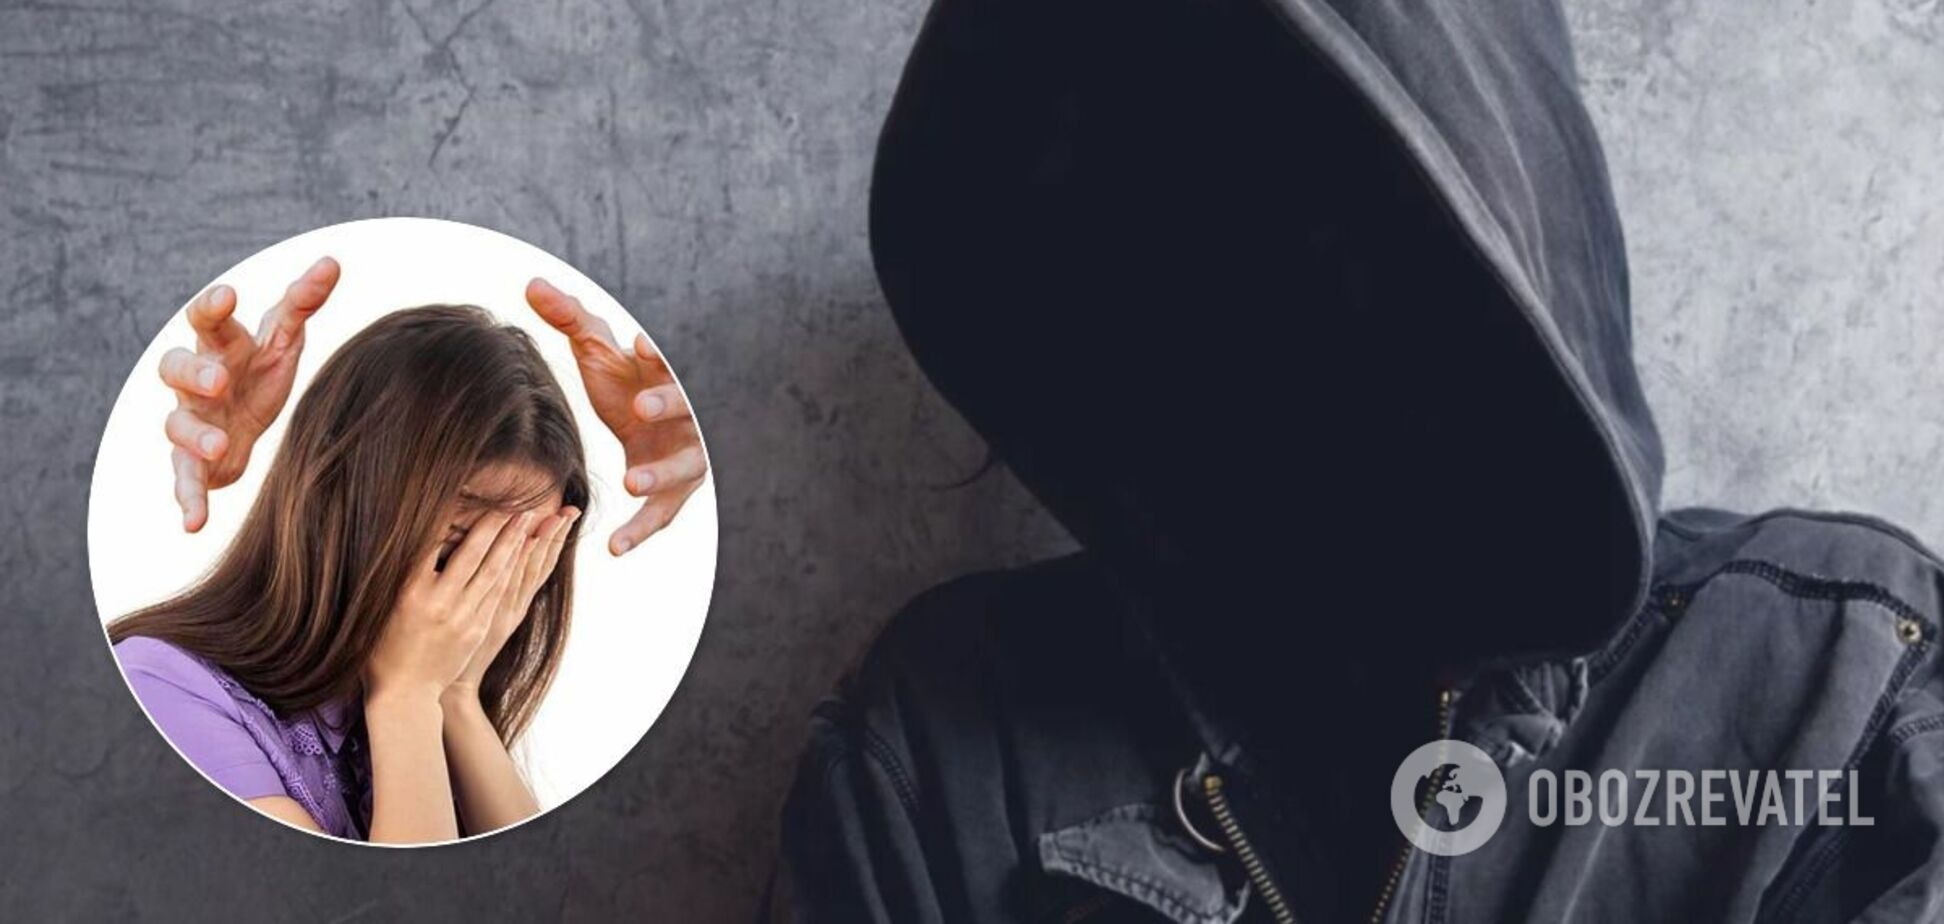 На Запоріжжі 14-річна дівчинка зібралася заміж за 37-річного: чоловіка побили за педофілію